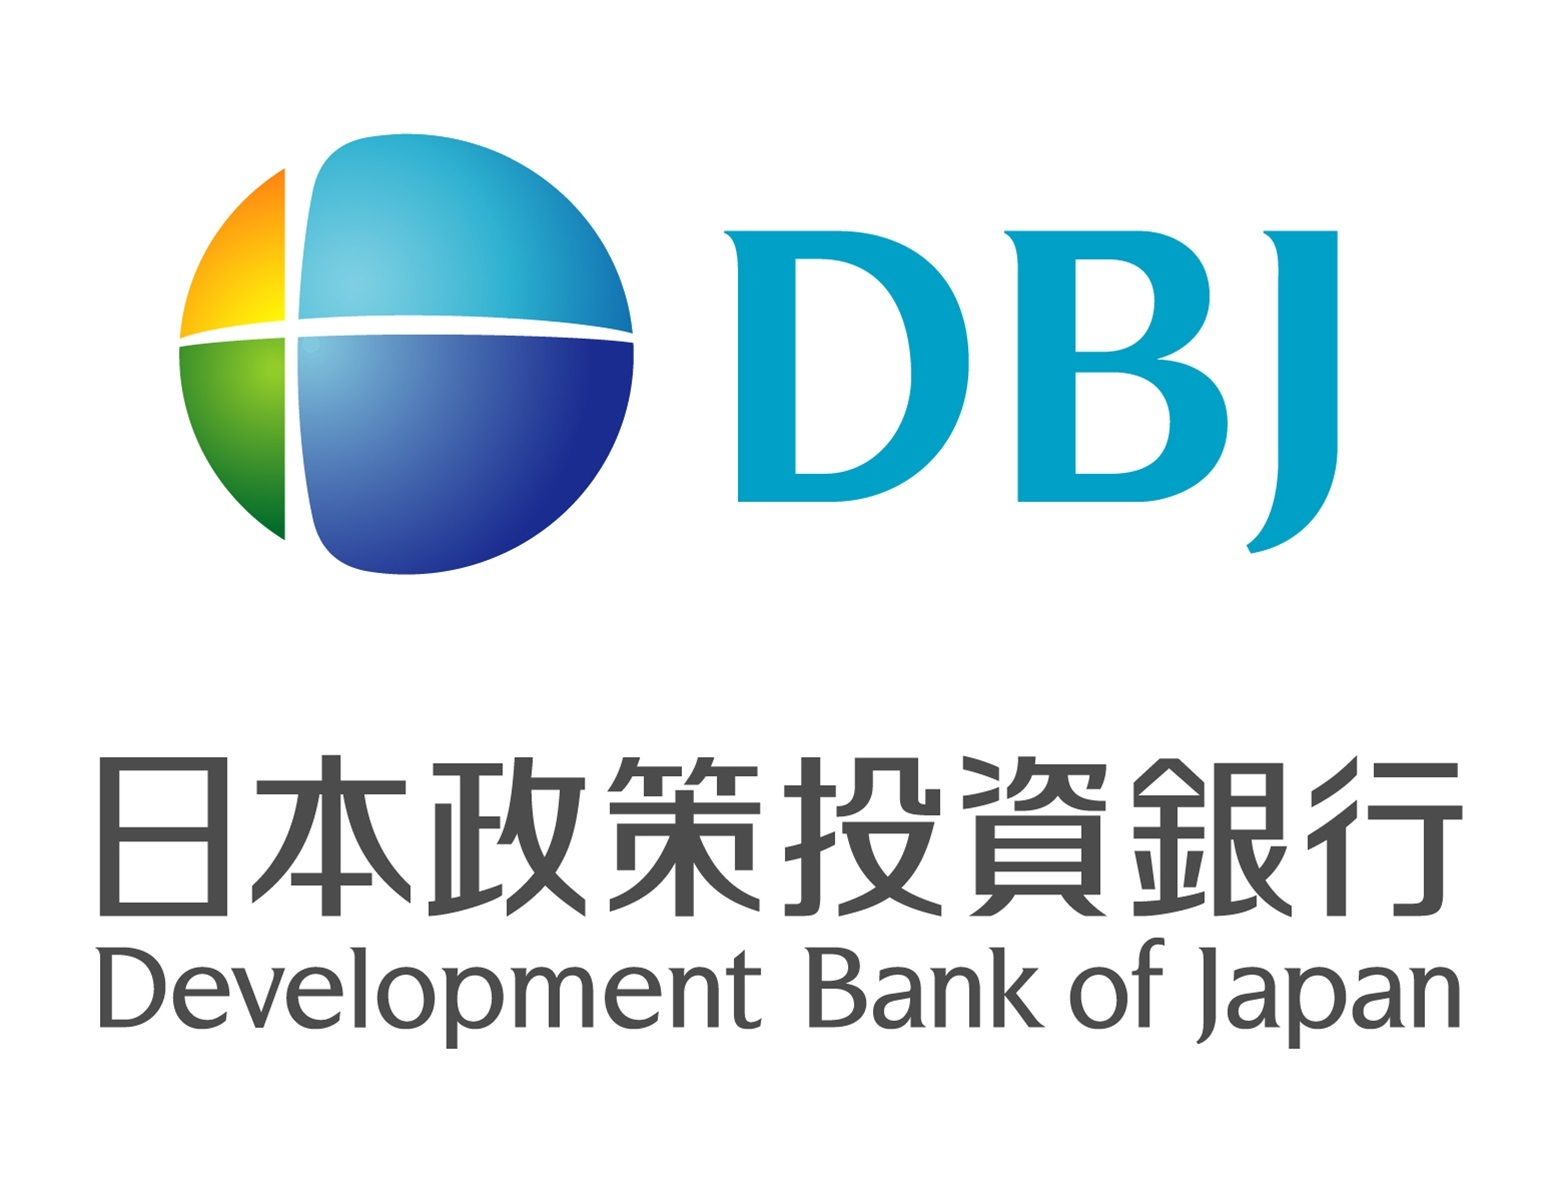 株式会社日本政策投資銀行(大分事務所)